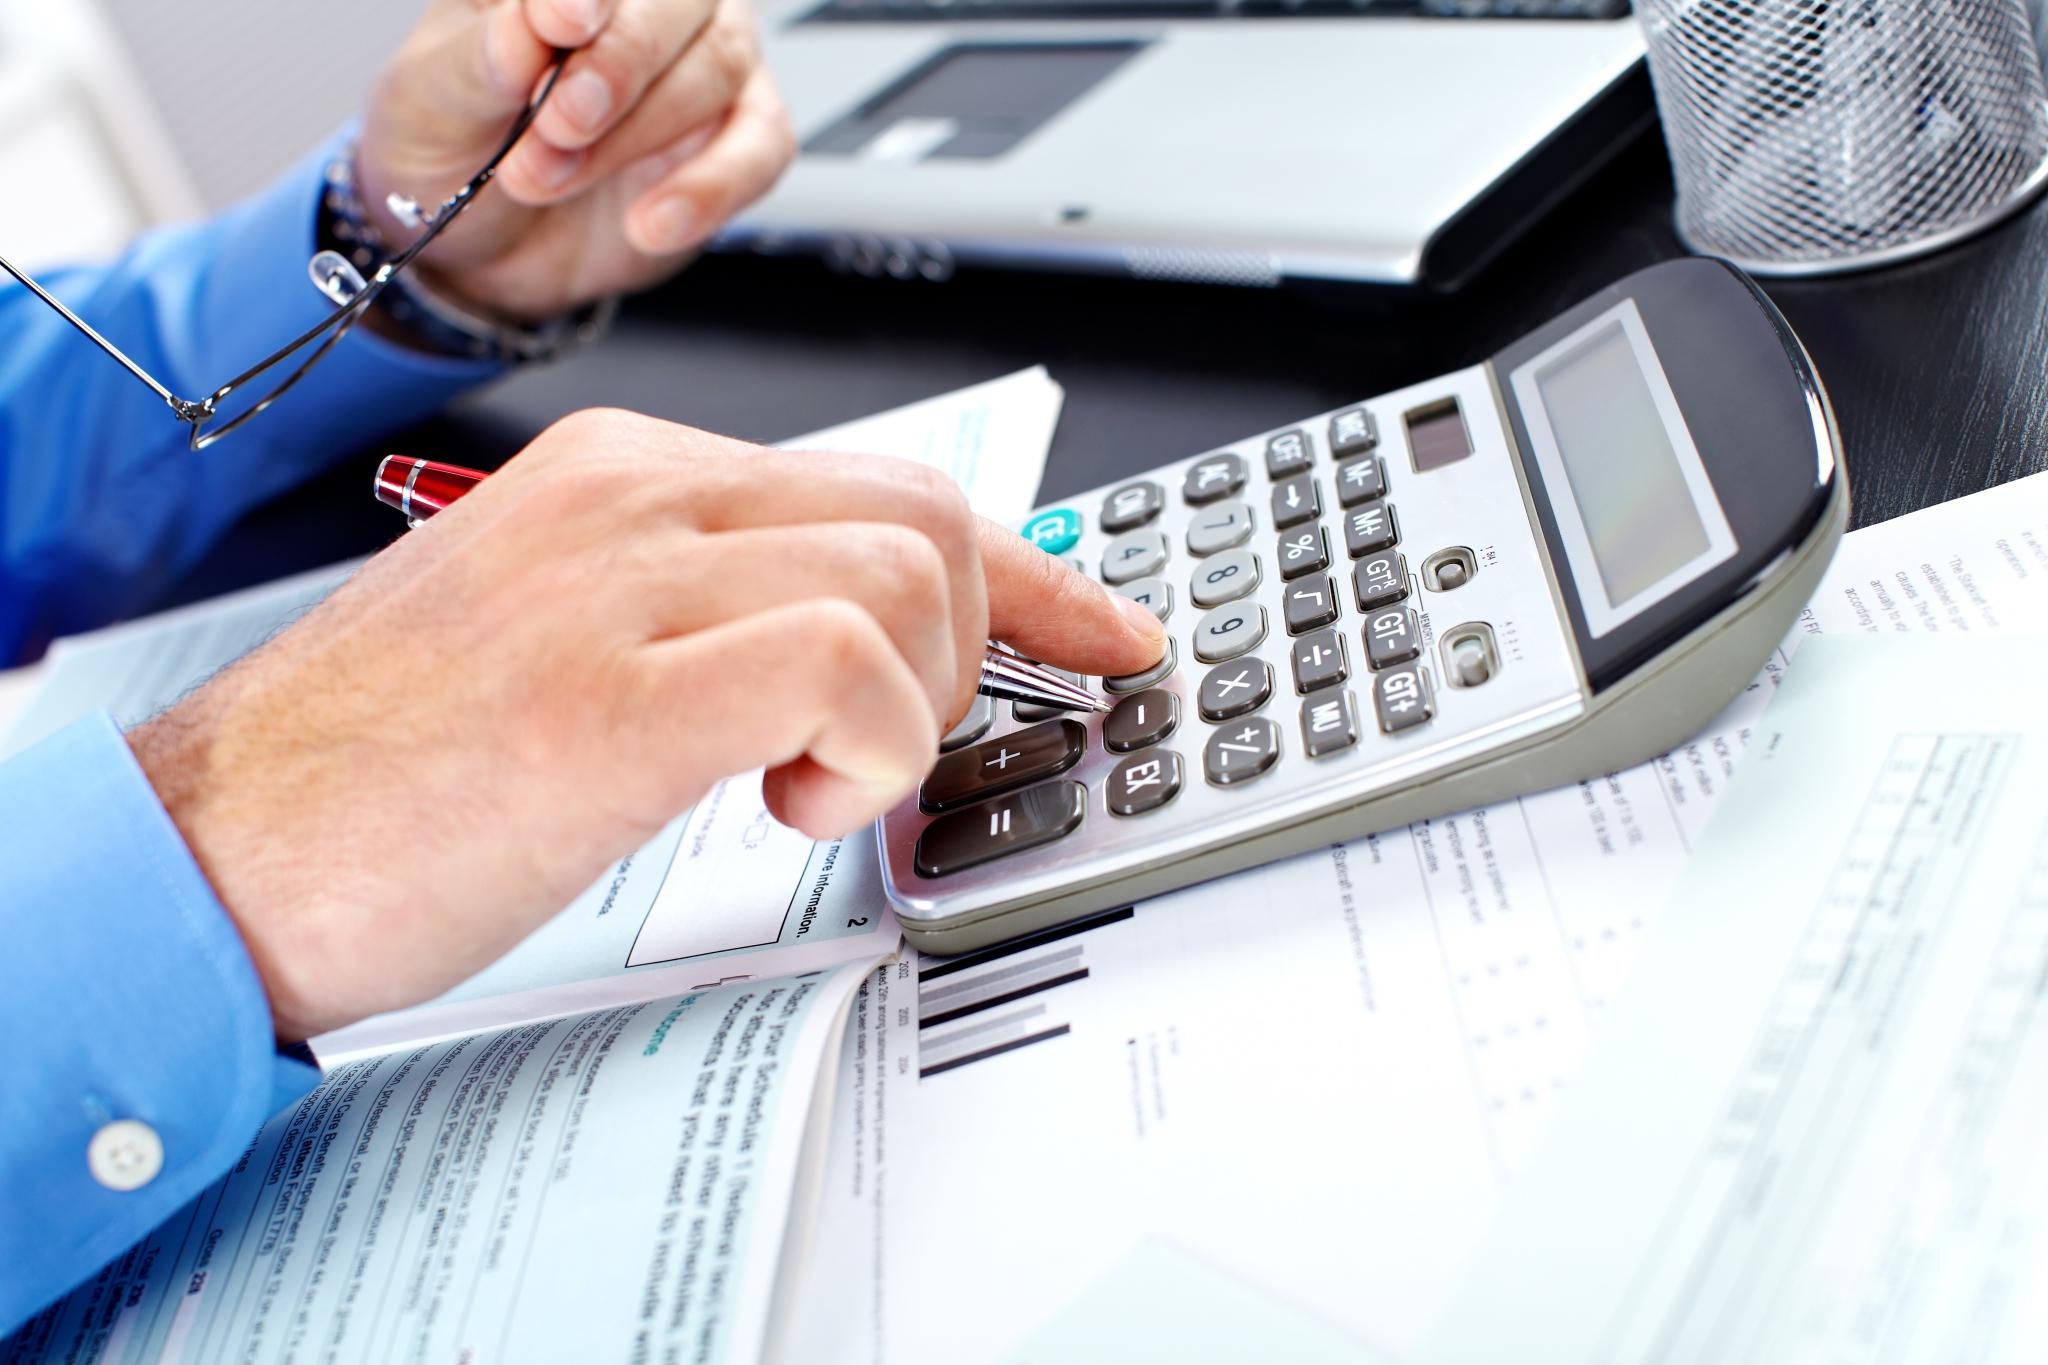 Софинансирование пенсии как получить деньги пенсионерам